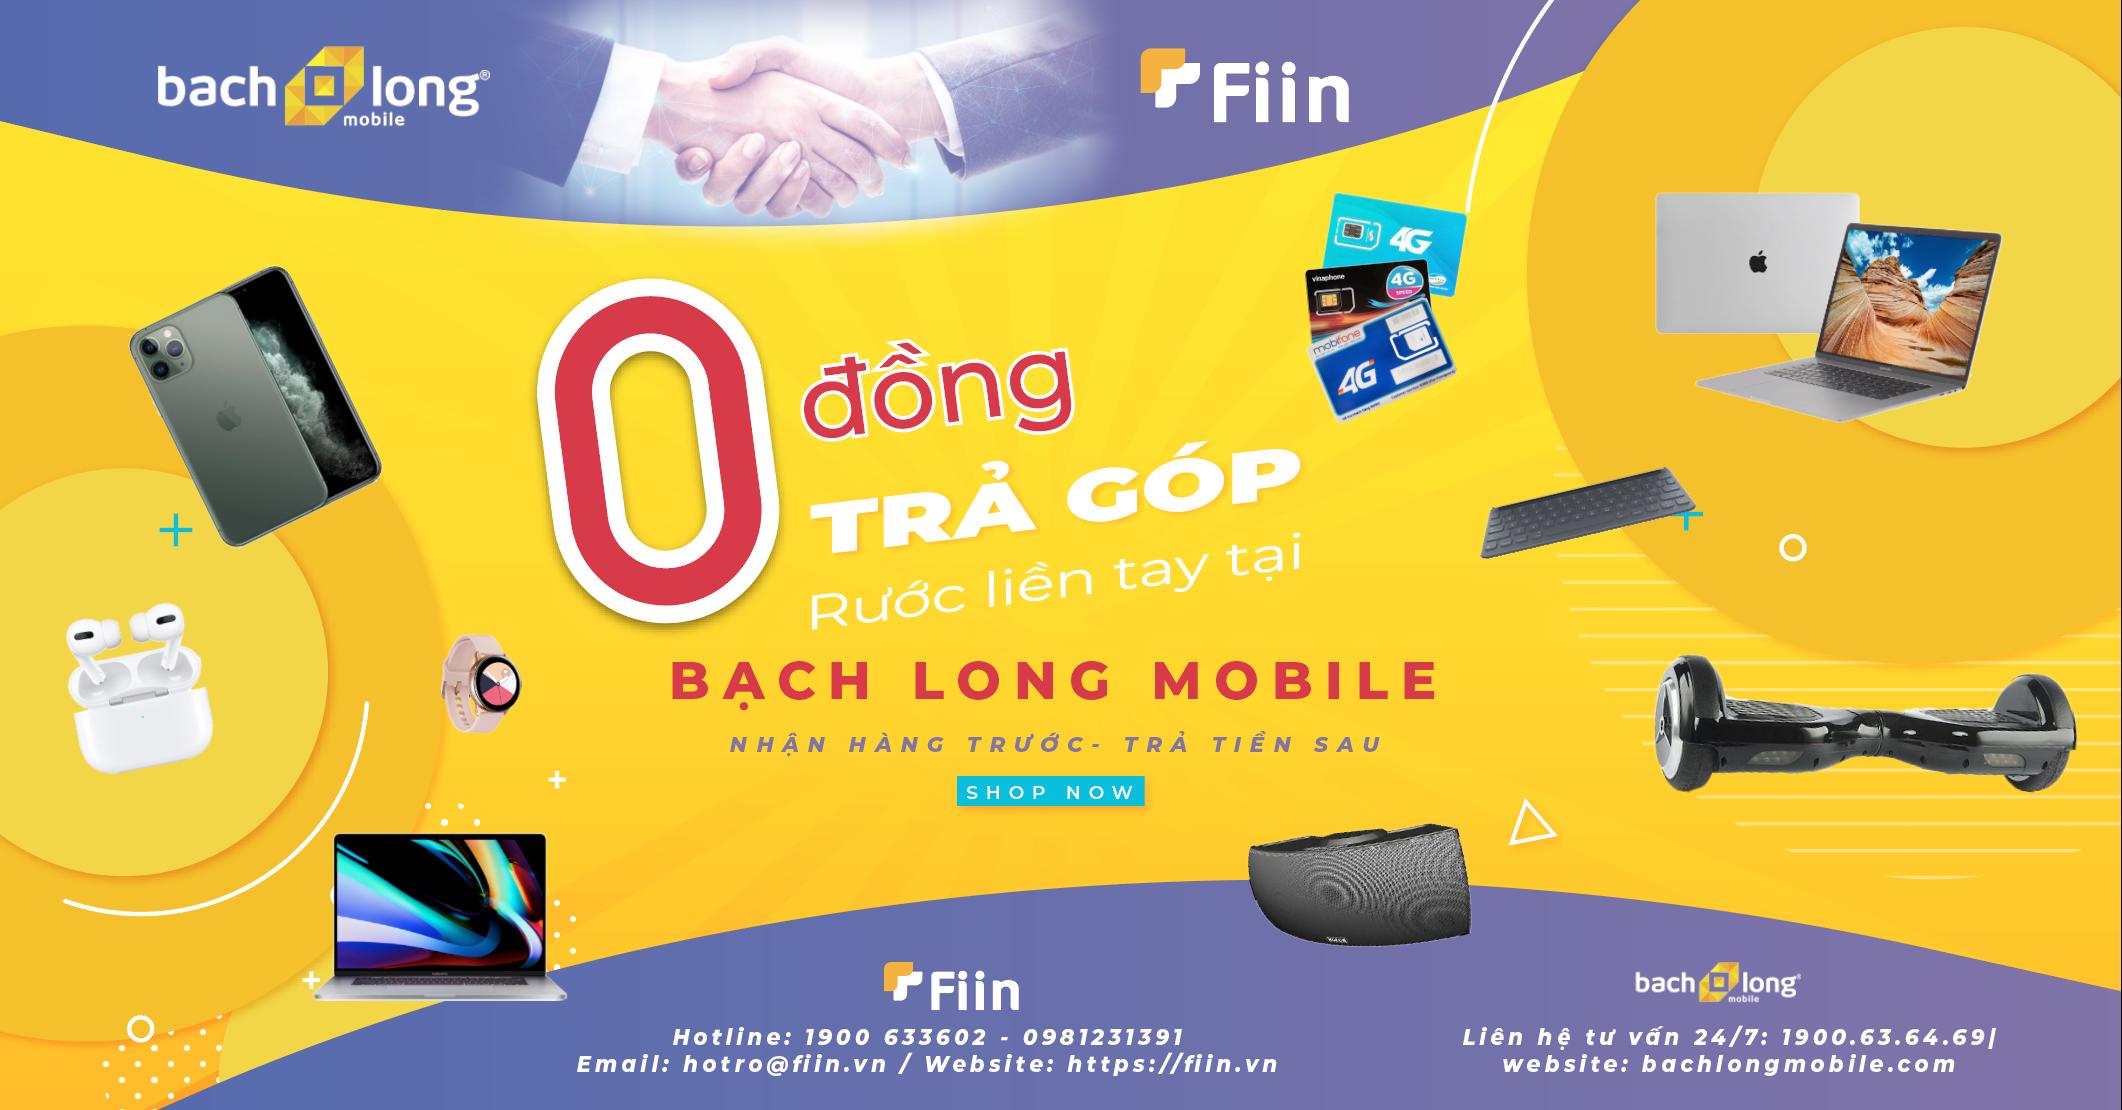 Sử dụng Fiin Credit sẽ giúp bạn thanh toán những khoản trả góp dễ dàng với nhiều ưu đãi lớn tại Bạch Long mobile